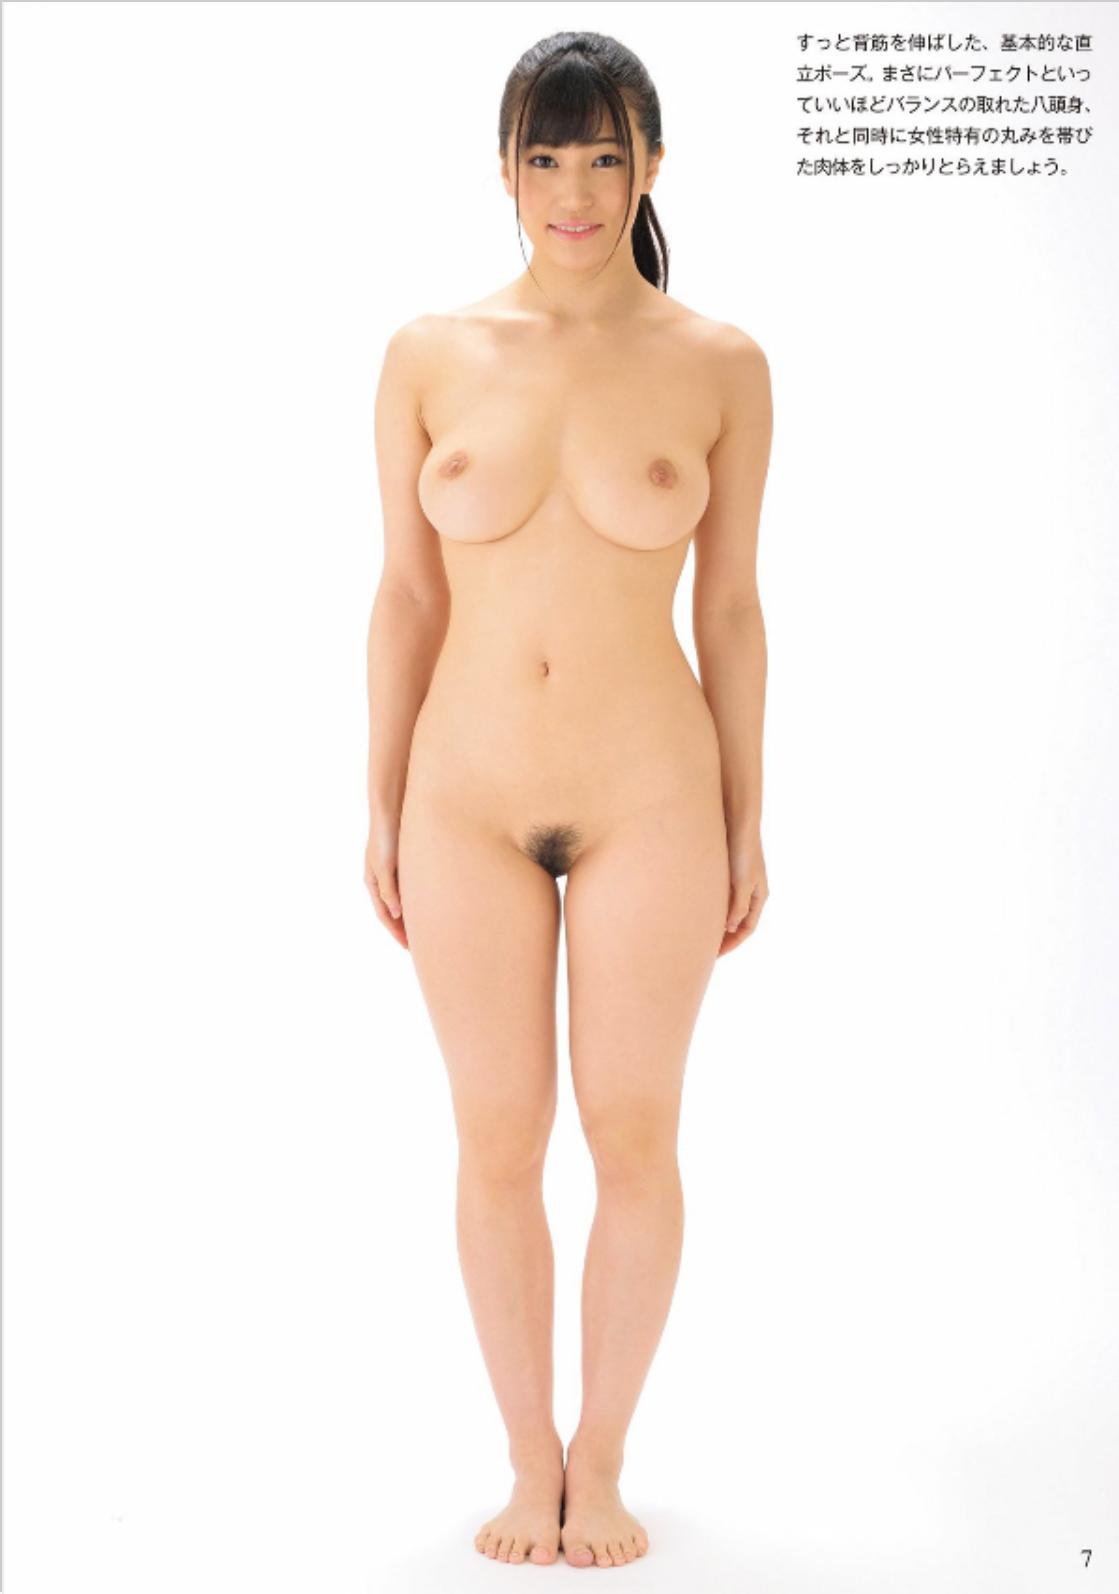 Shouko_Takahashi_02.jpg